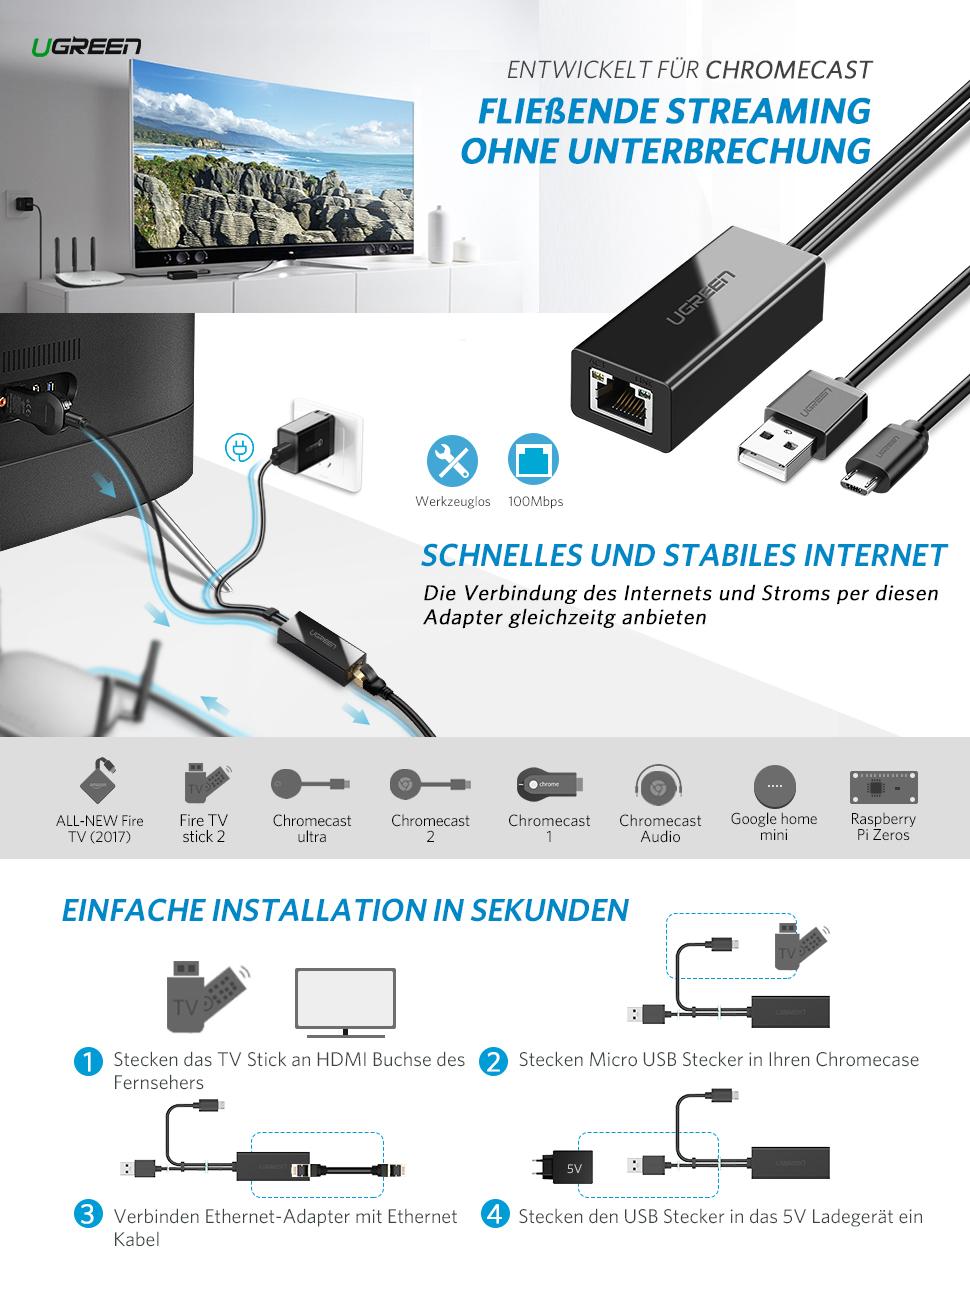 UGREEN Ethernet Adapter für Chromecast und TV: Amazon.de: Computer ...